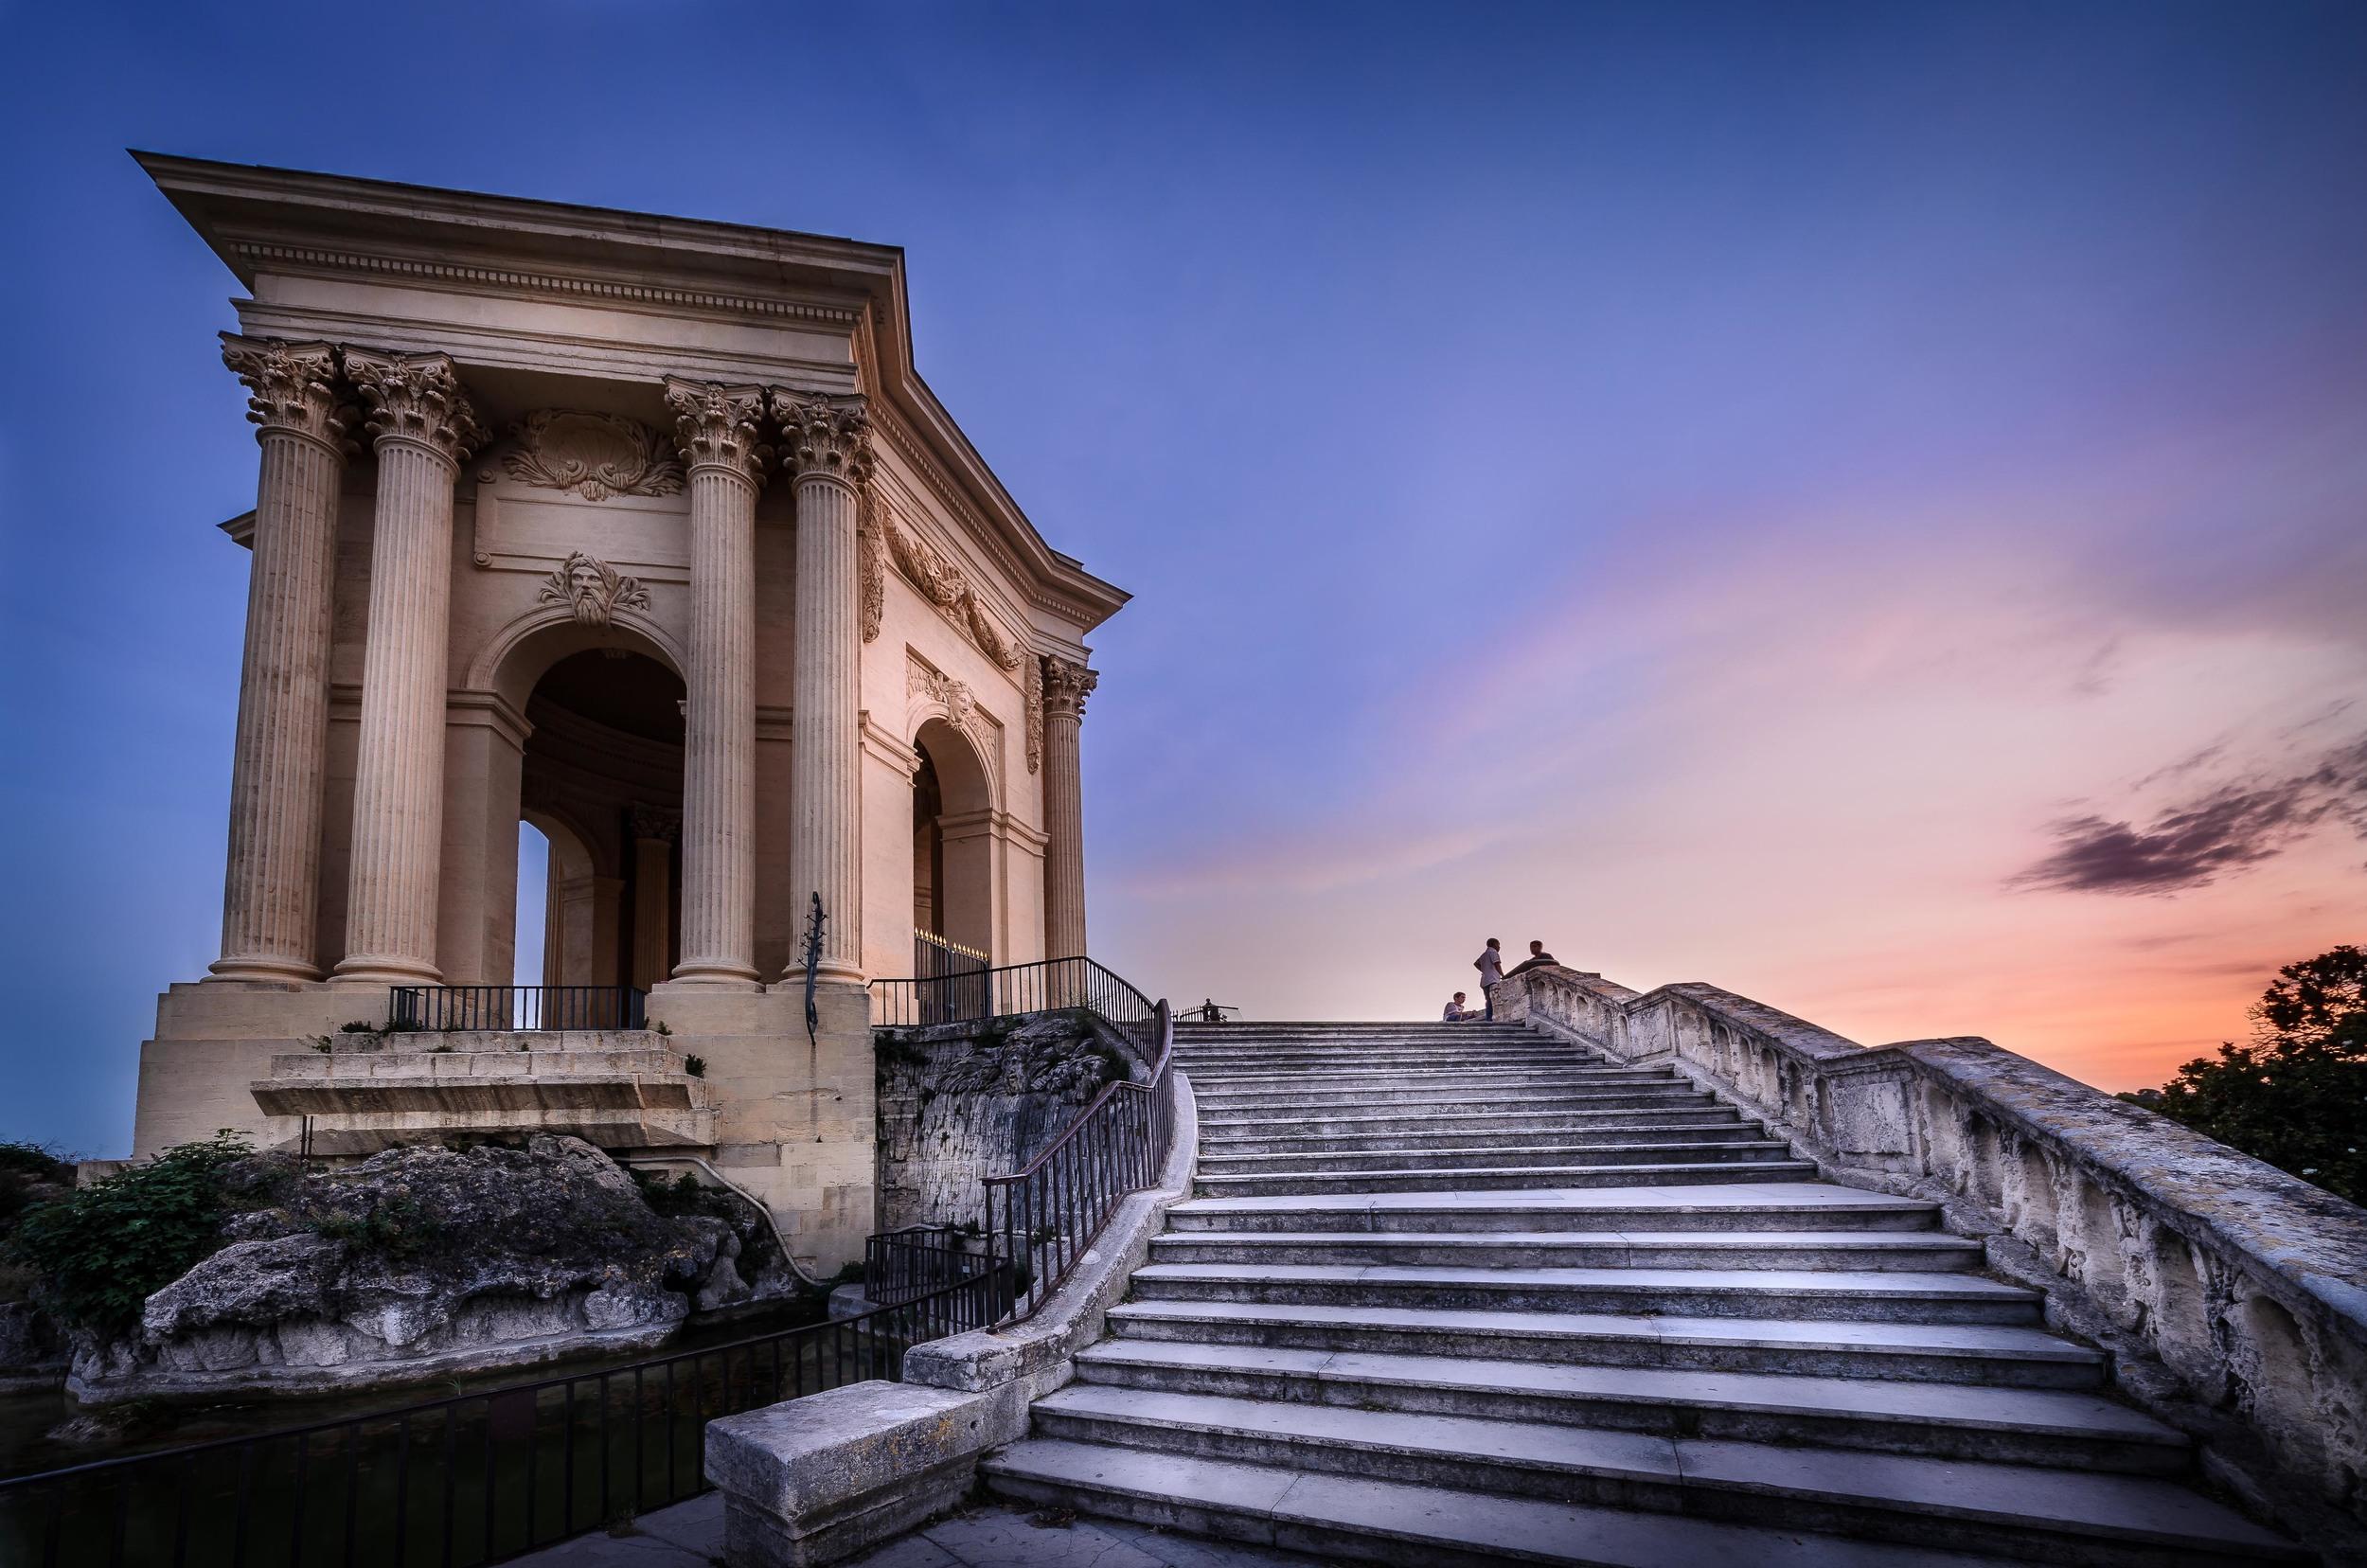 Château d'eau du Peyrou, Montpellier